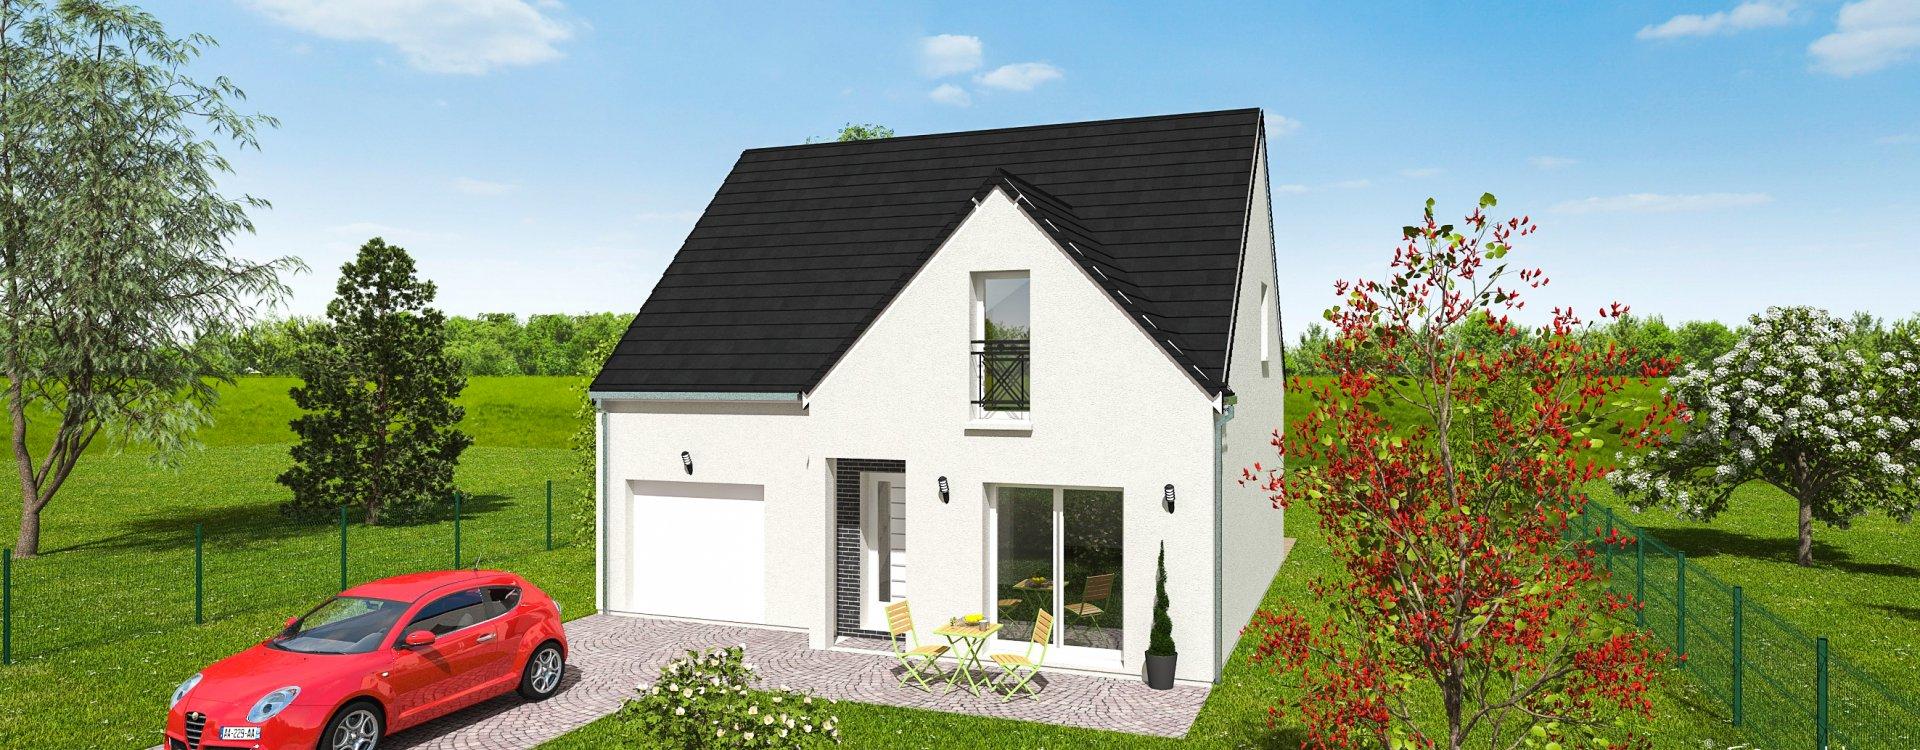 Maisons + Terrains du constructeur EASY HOUSE • 97 m² • MER